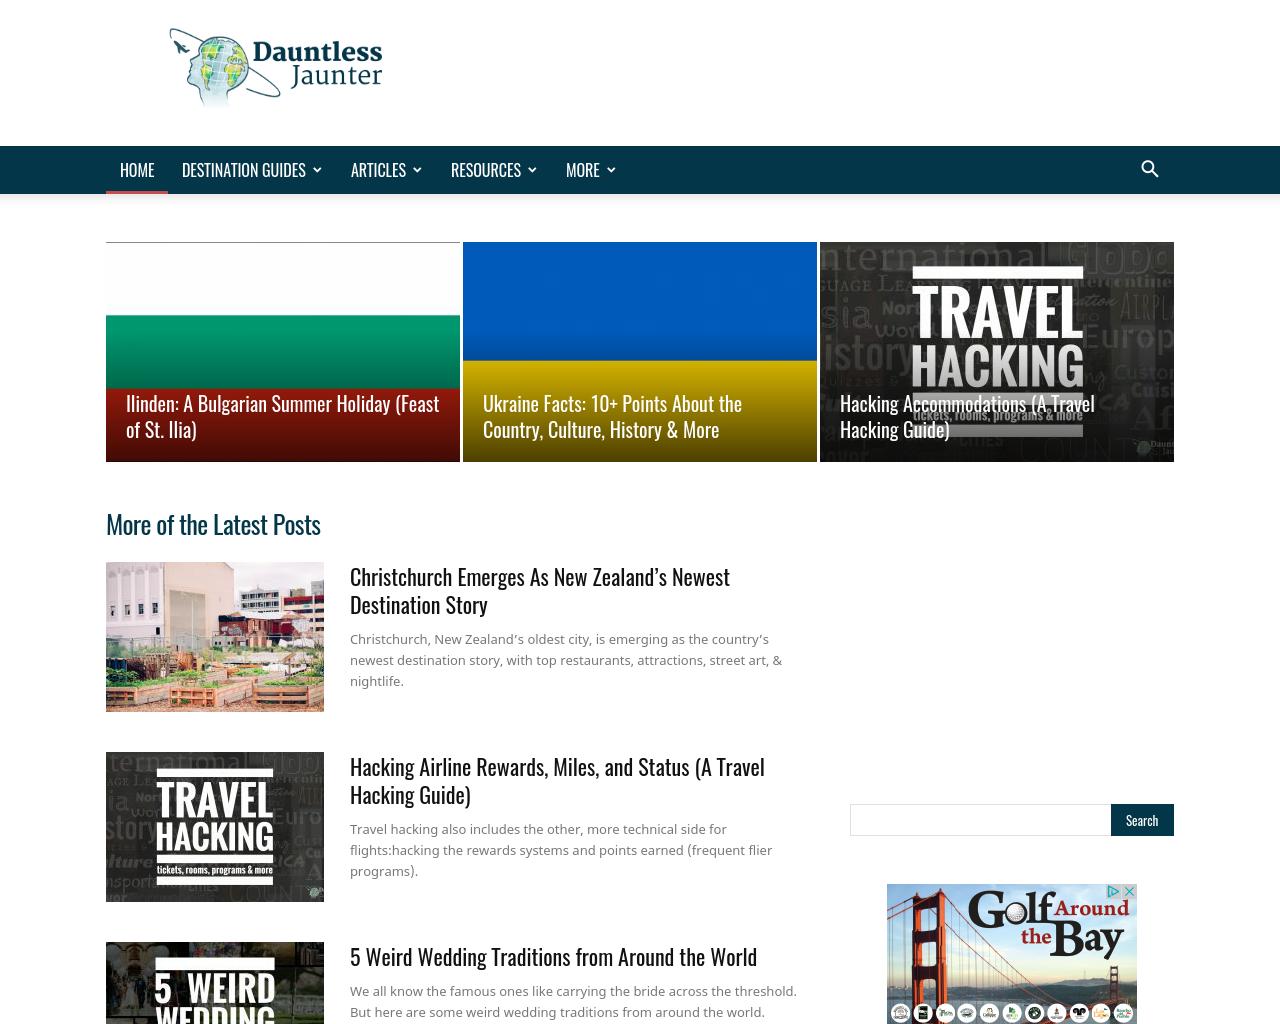 Dauntless-Jaunter-Advertising-Reviews-Pricing